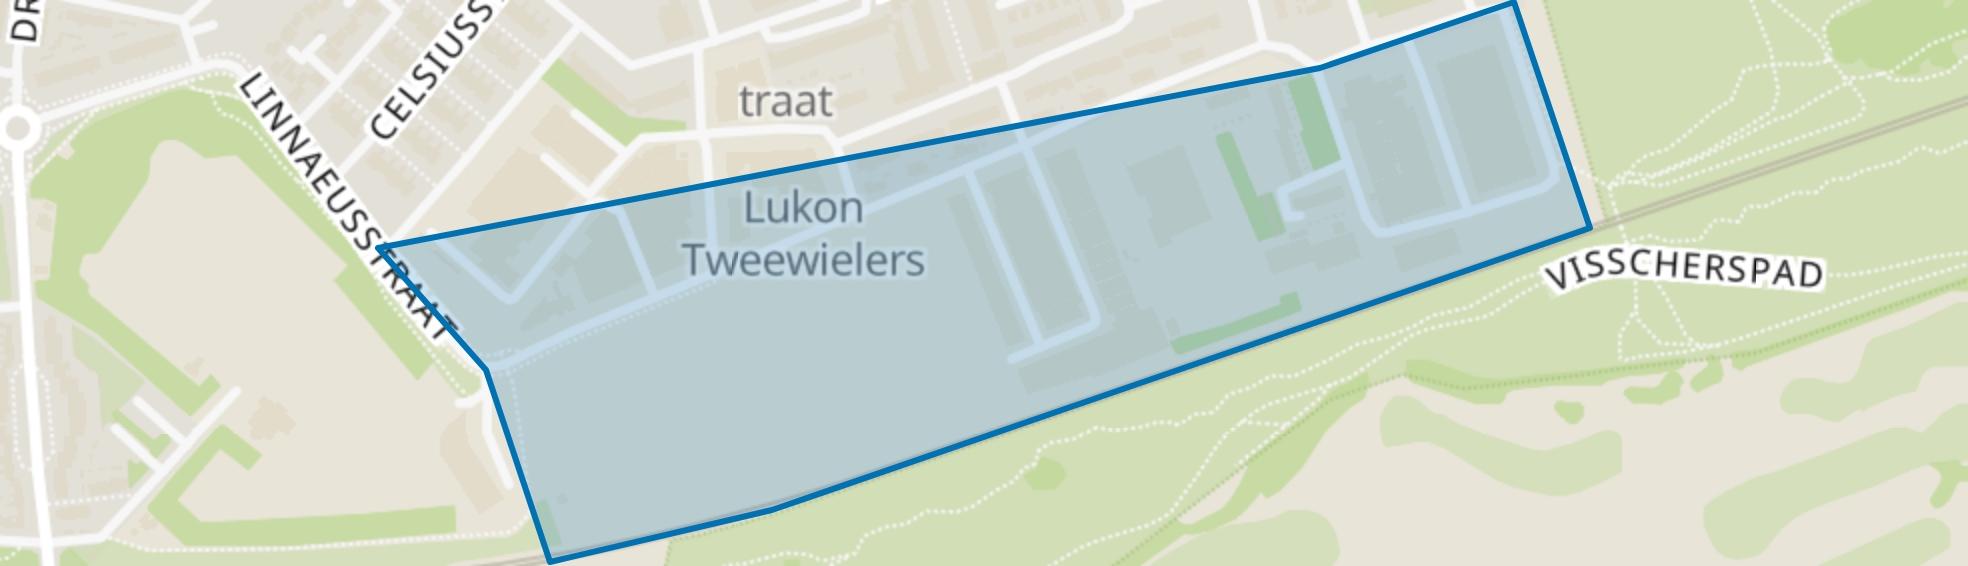 Nieuw Noord - bedrijven, Zandvoort map